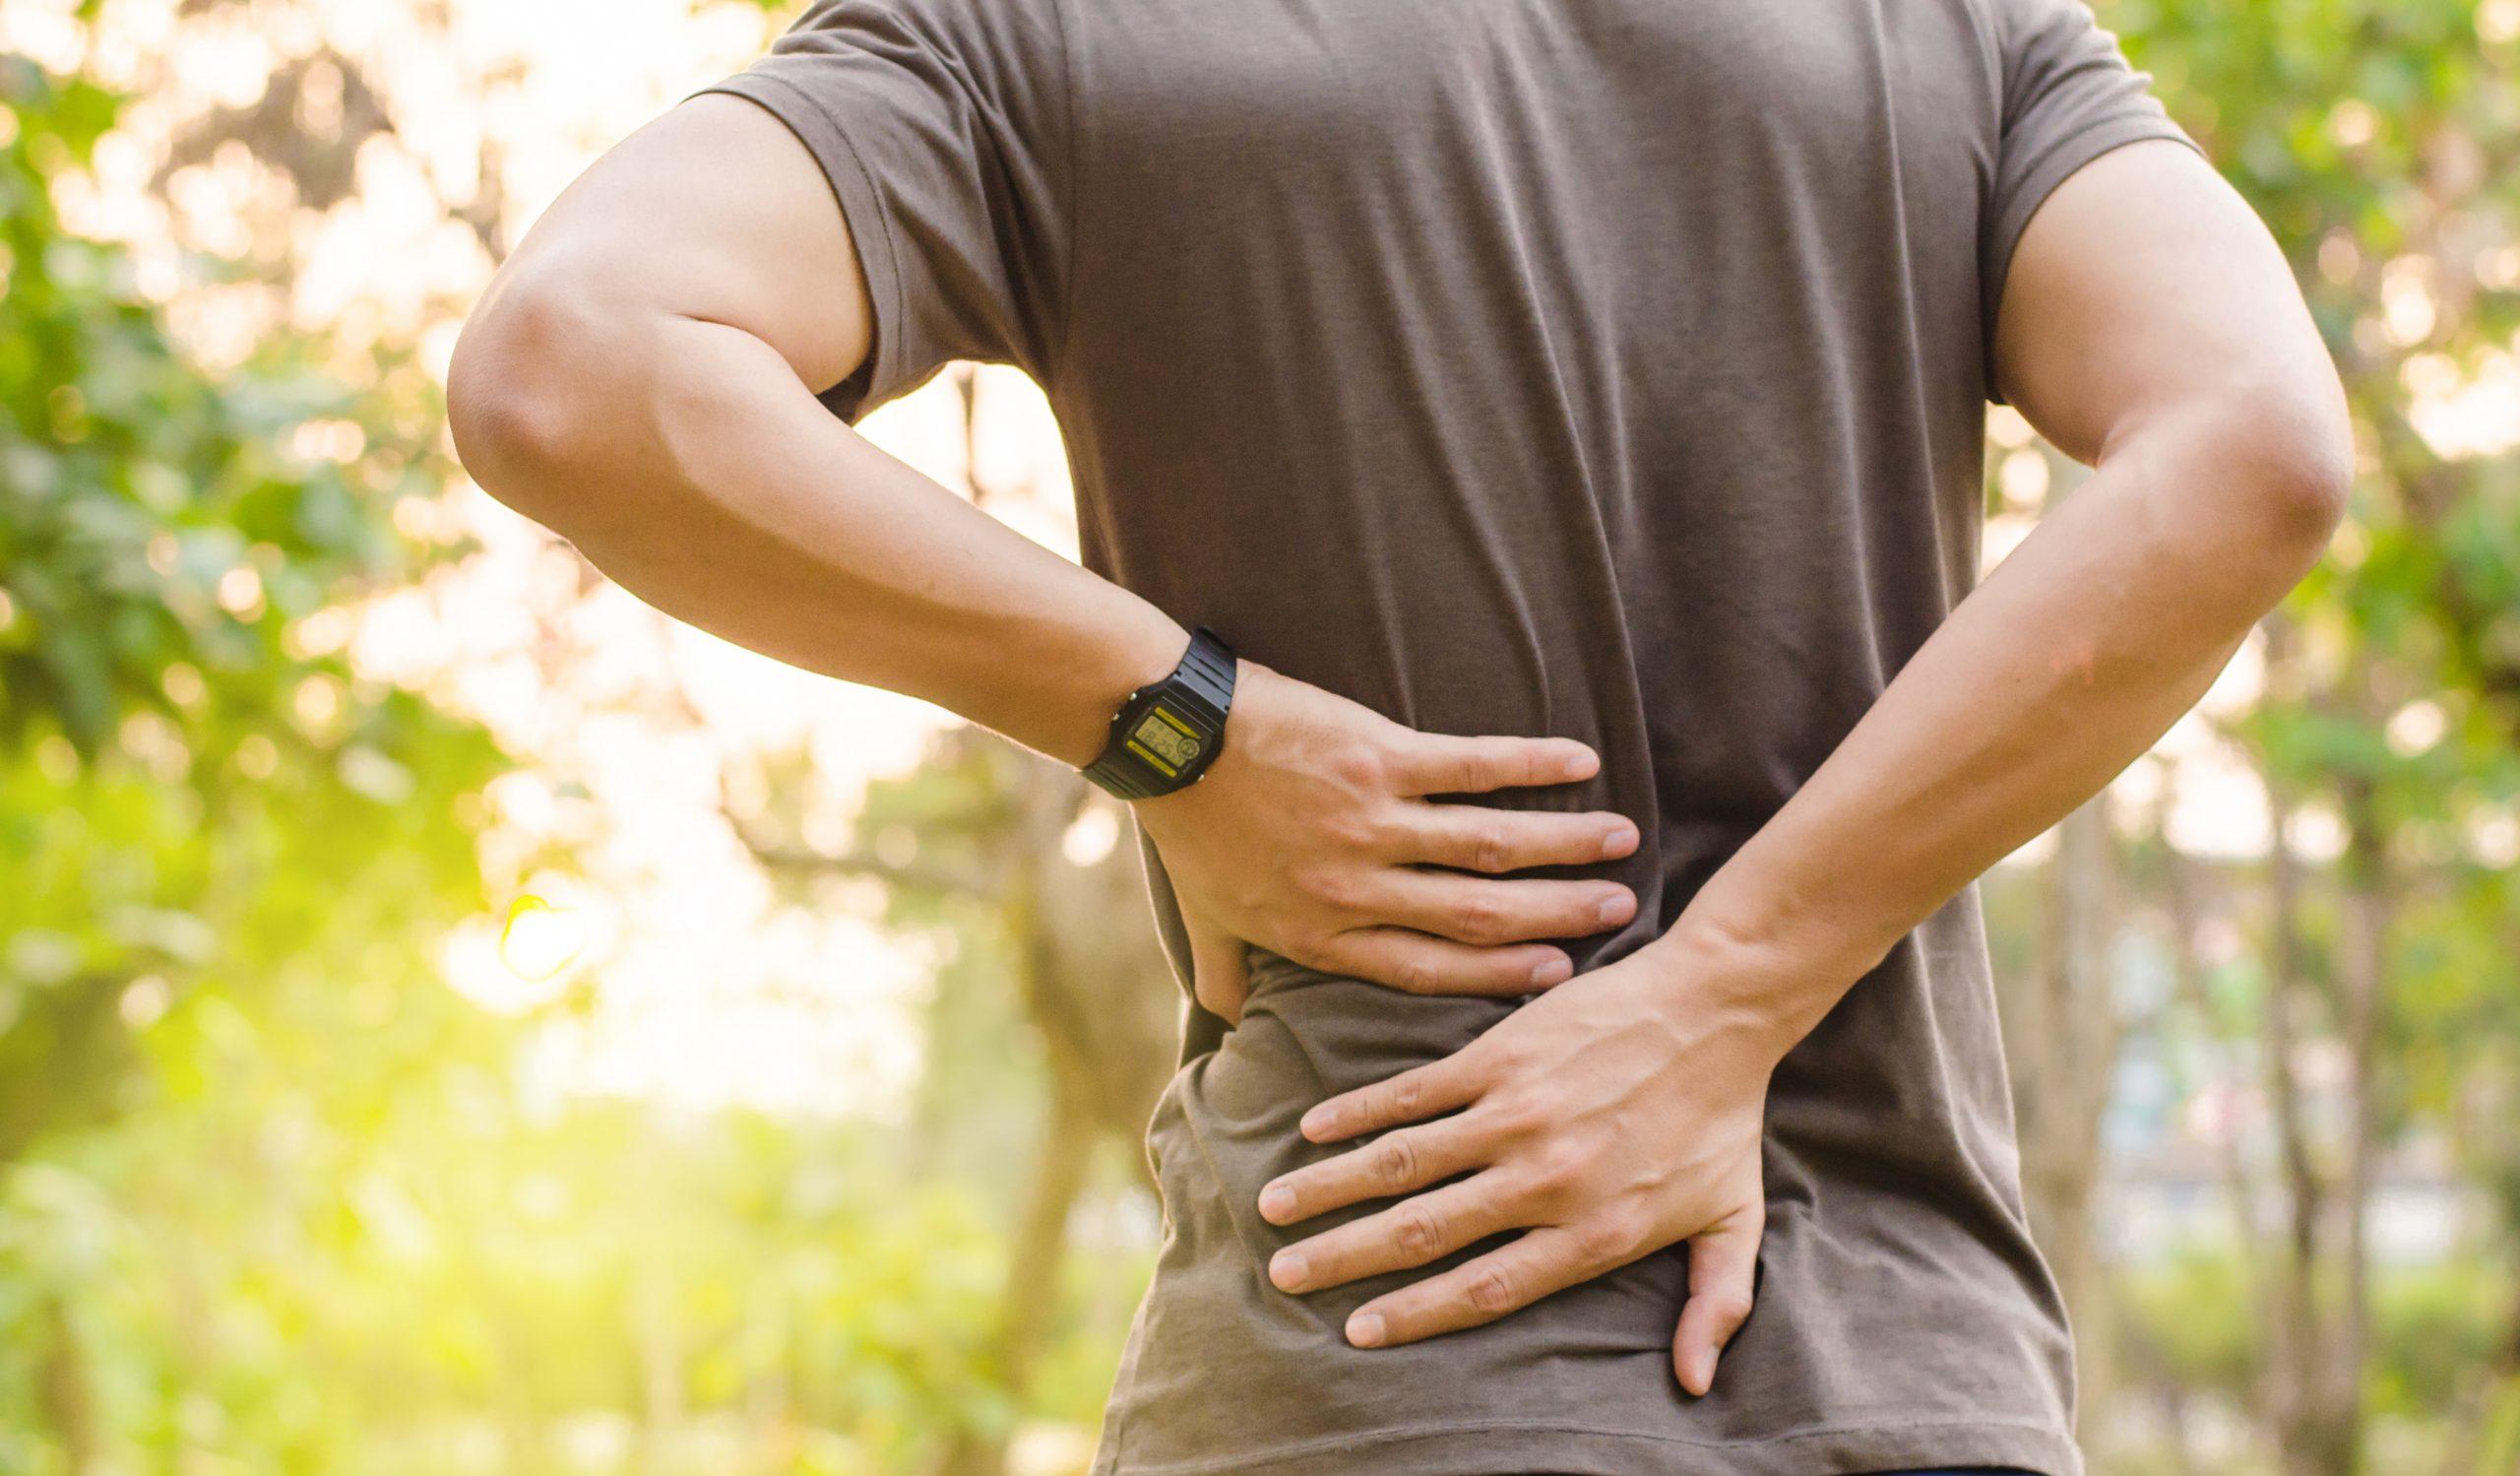 Dores nas costas: 5 dicas para amenizar e prevenir